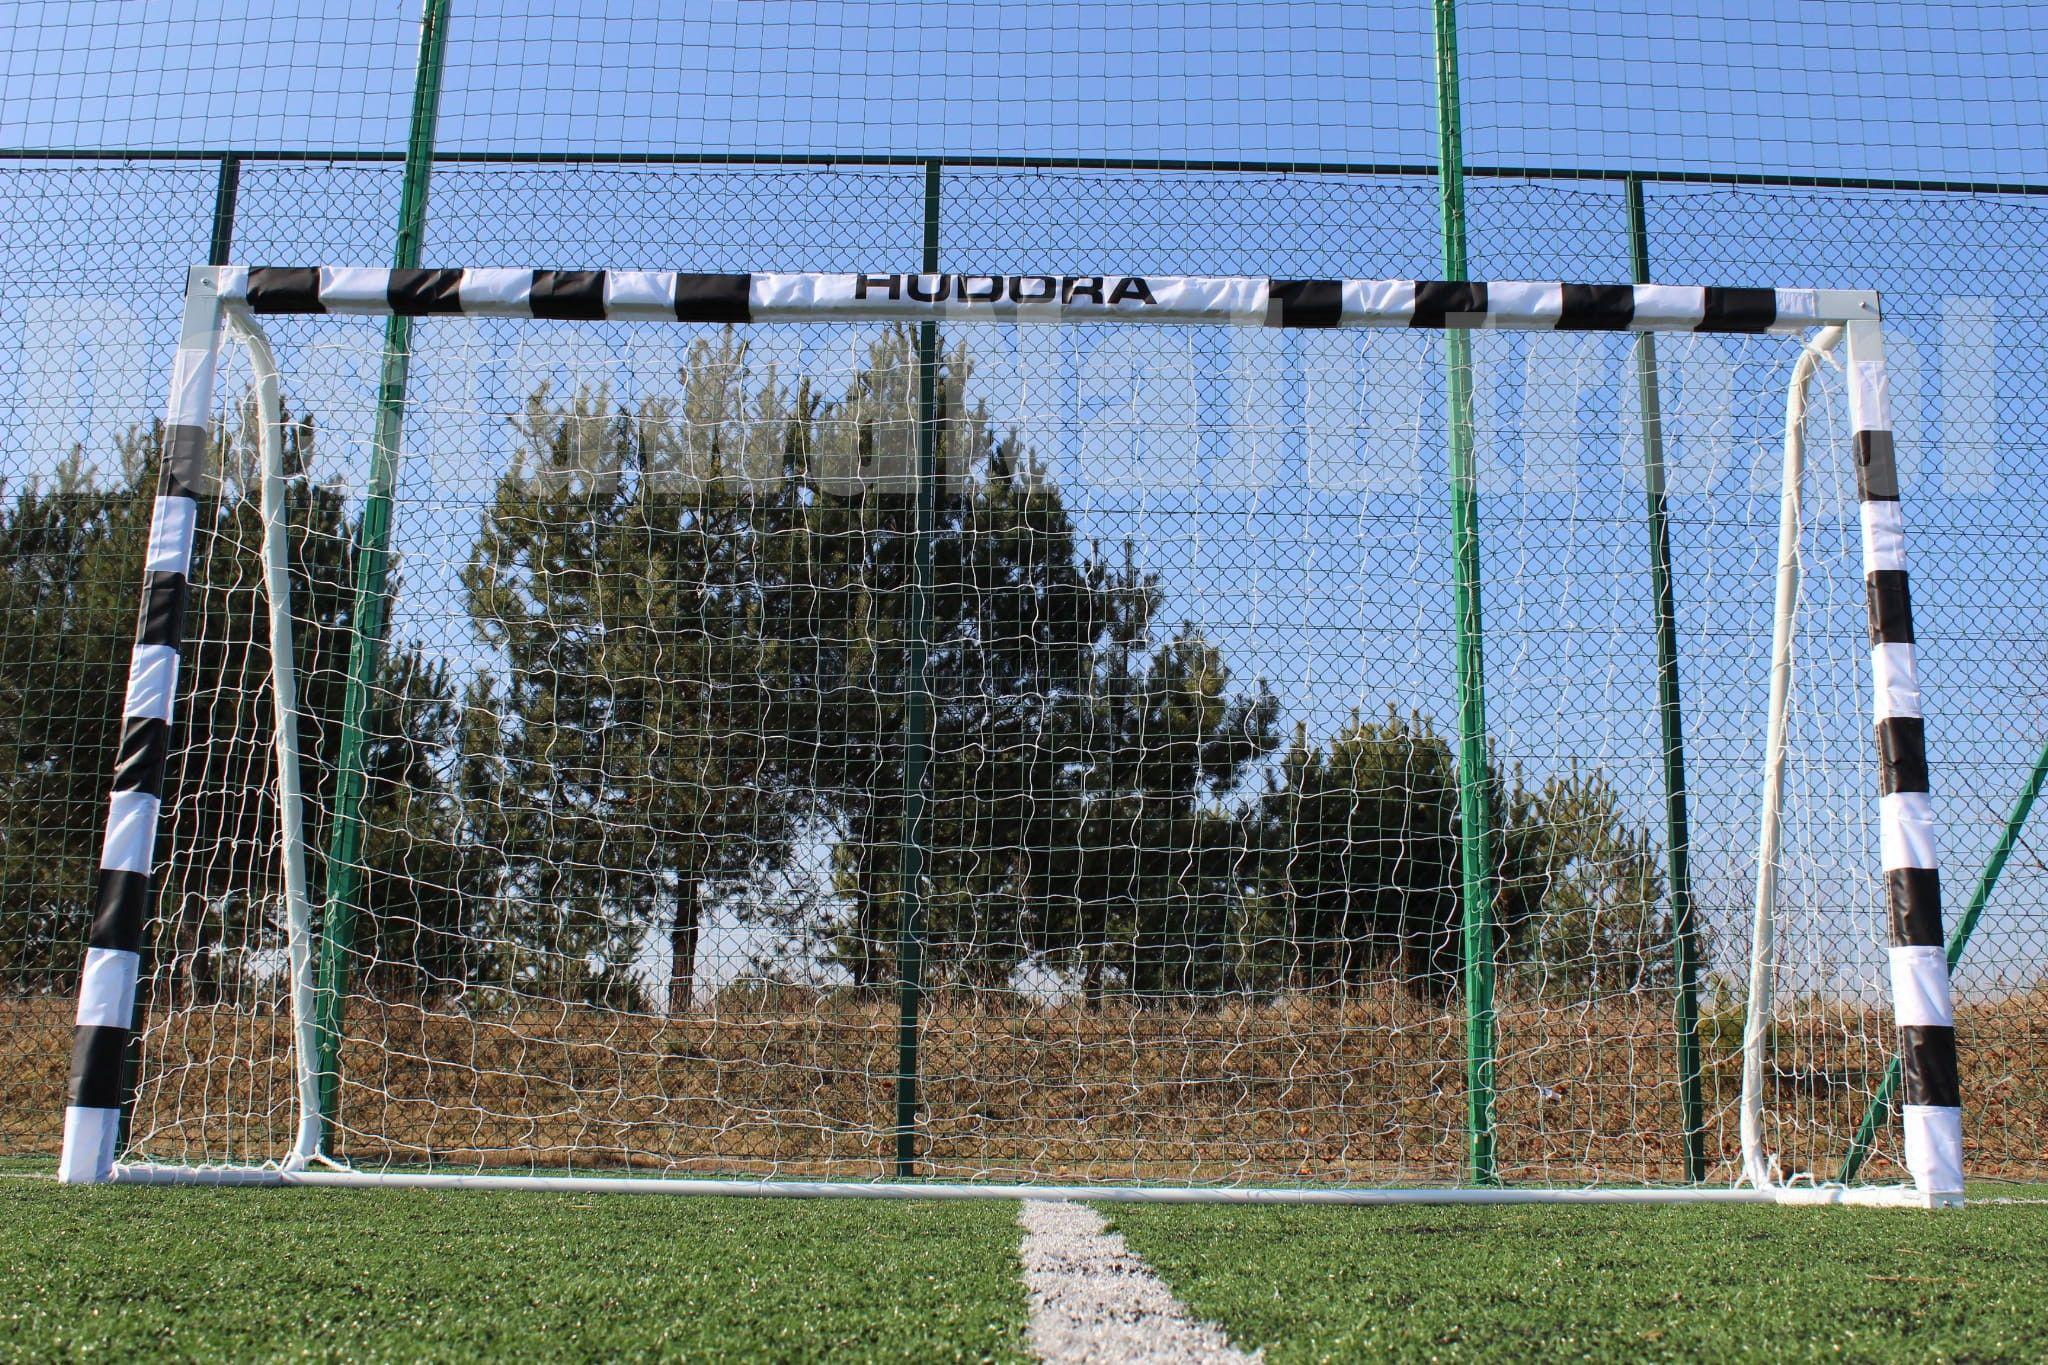 Bramka piłkarska STADION HUDORA 300 x 160 cm grube rury 60mm